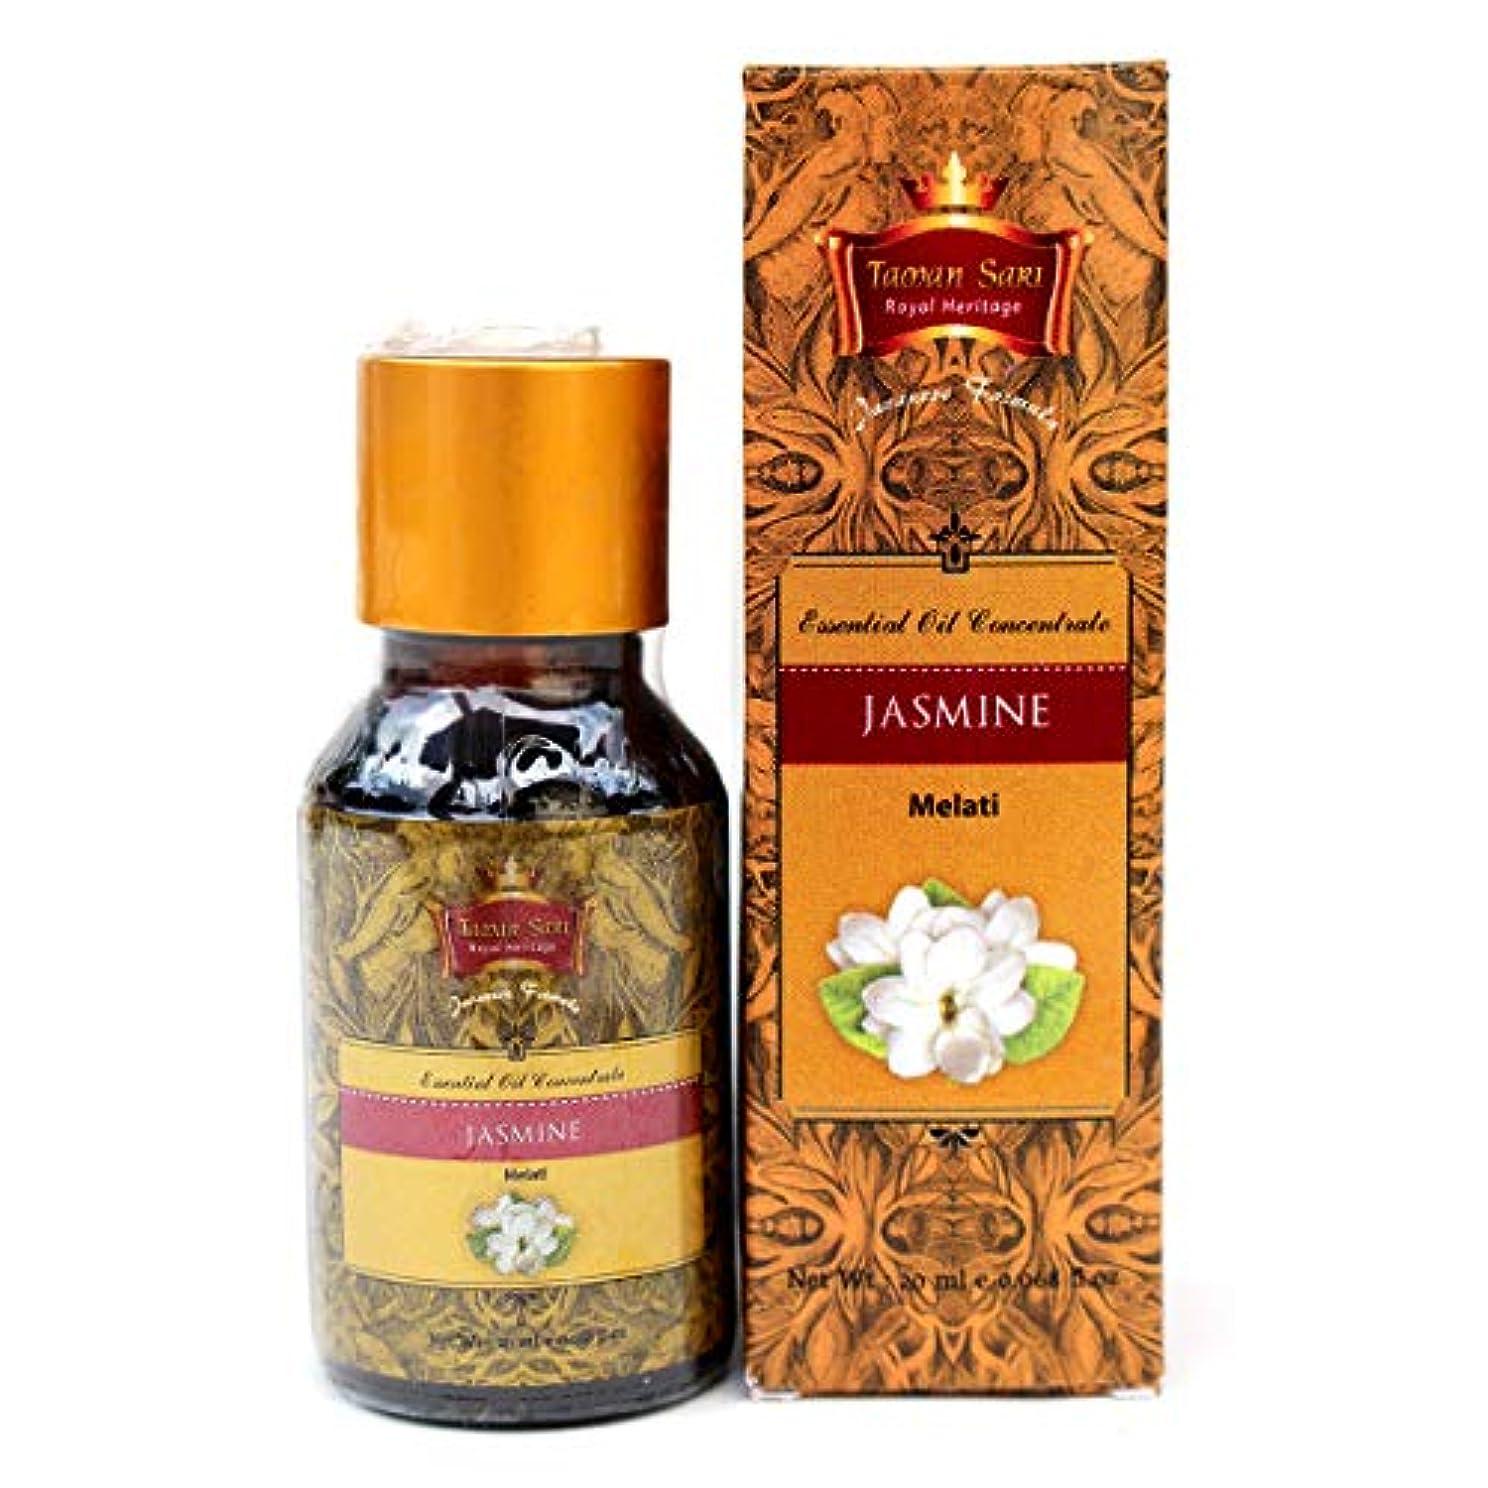 ソケットレタッチスカルクTaman Sari タマンサリ エッセンシャルオイル ムスティカラトゥ高級スパブランド Jasmine ジャスミン 20ml